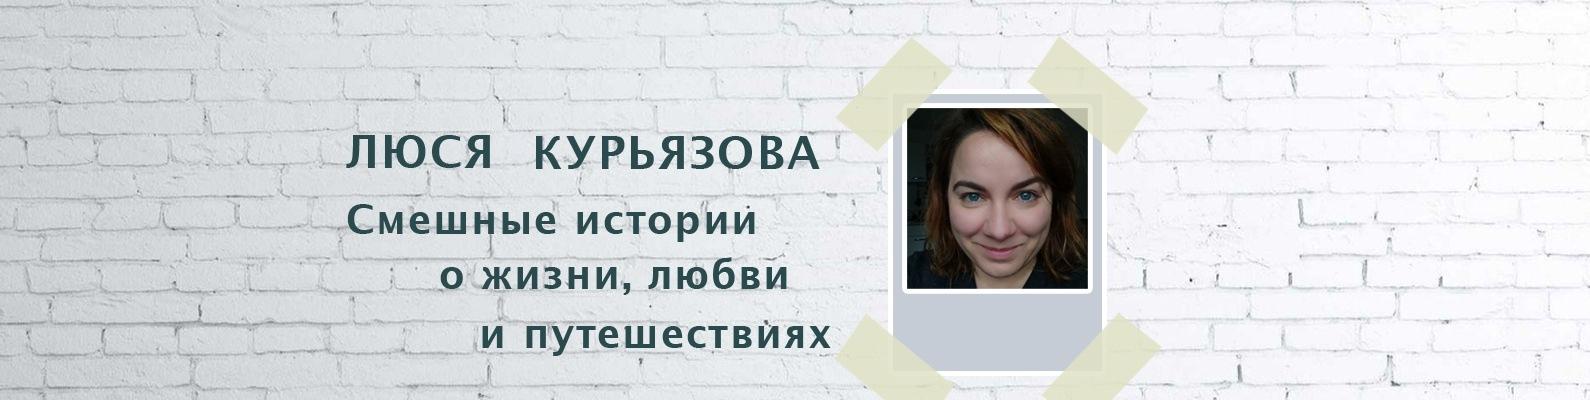 foto-tetushek-s-tityami-sedmogo-razmera-i-prilichnimi-popami-molodoy